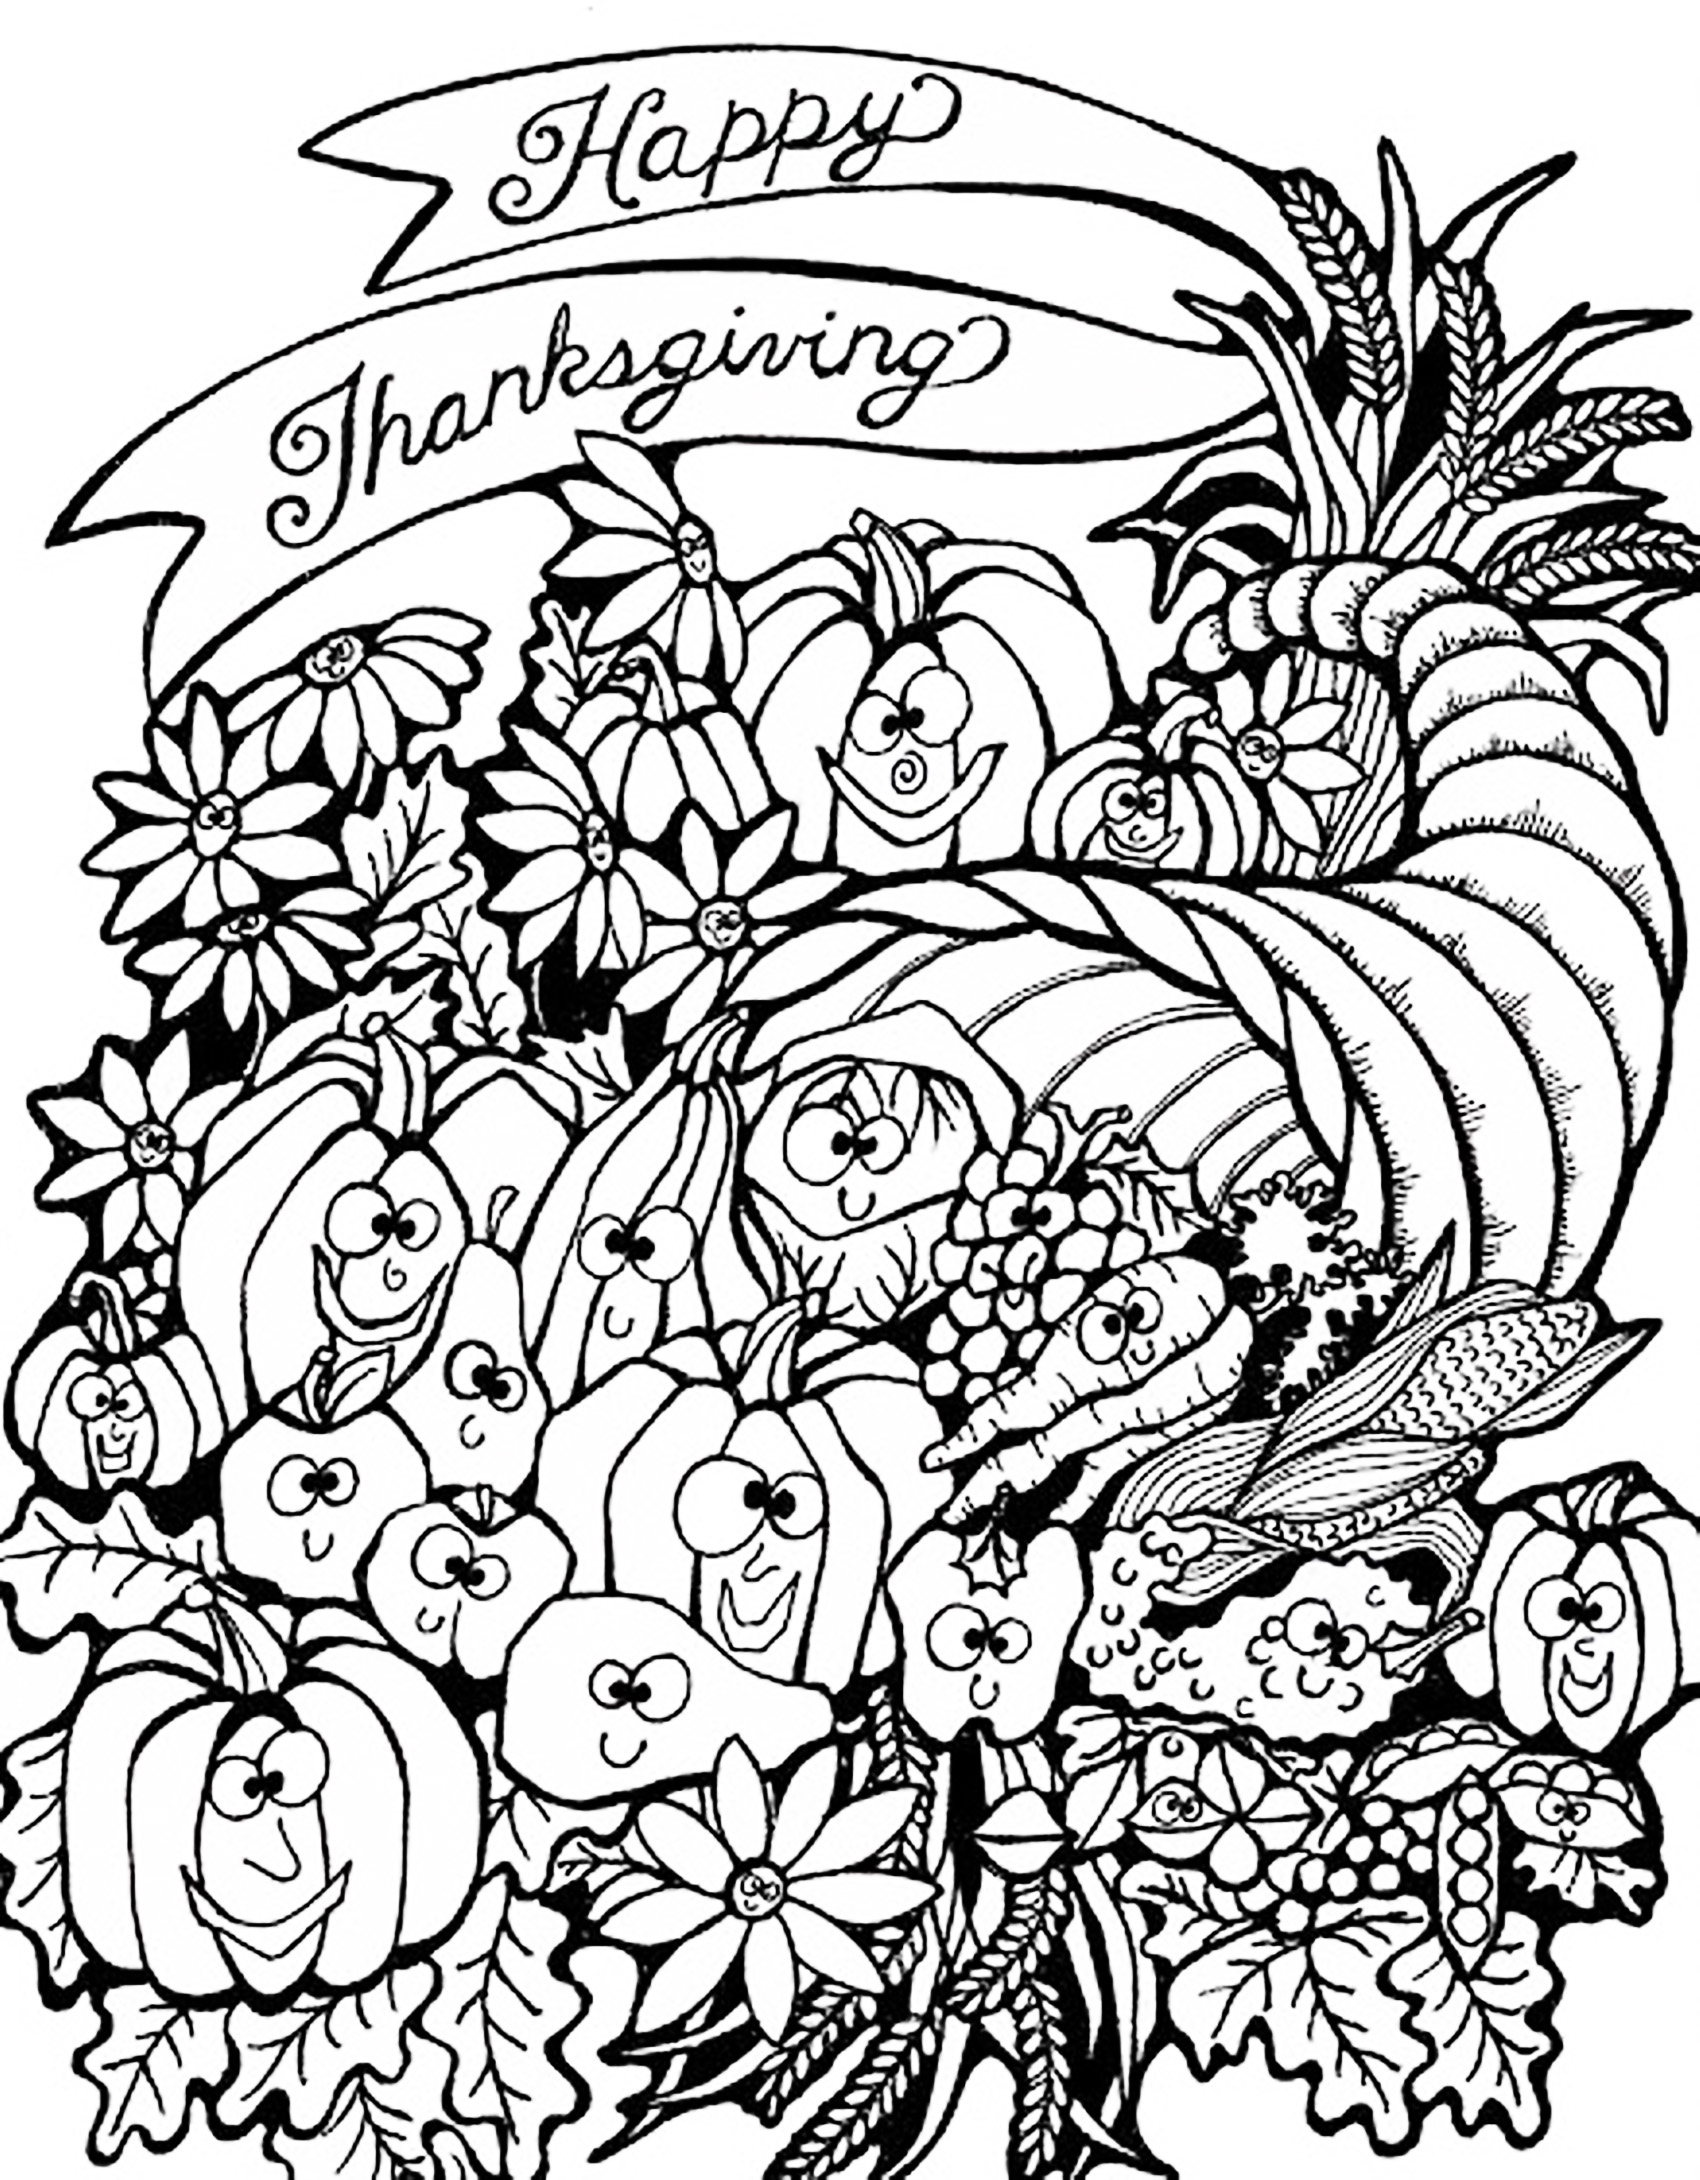 Jolis personnages de la Thanksgiving, en forme d'épis de Maïs, de Citrouilles, etc ...